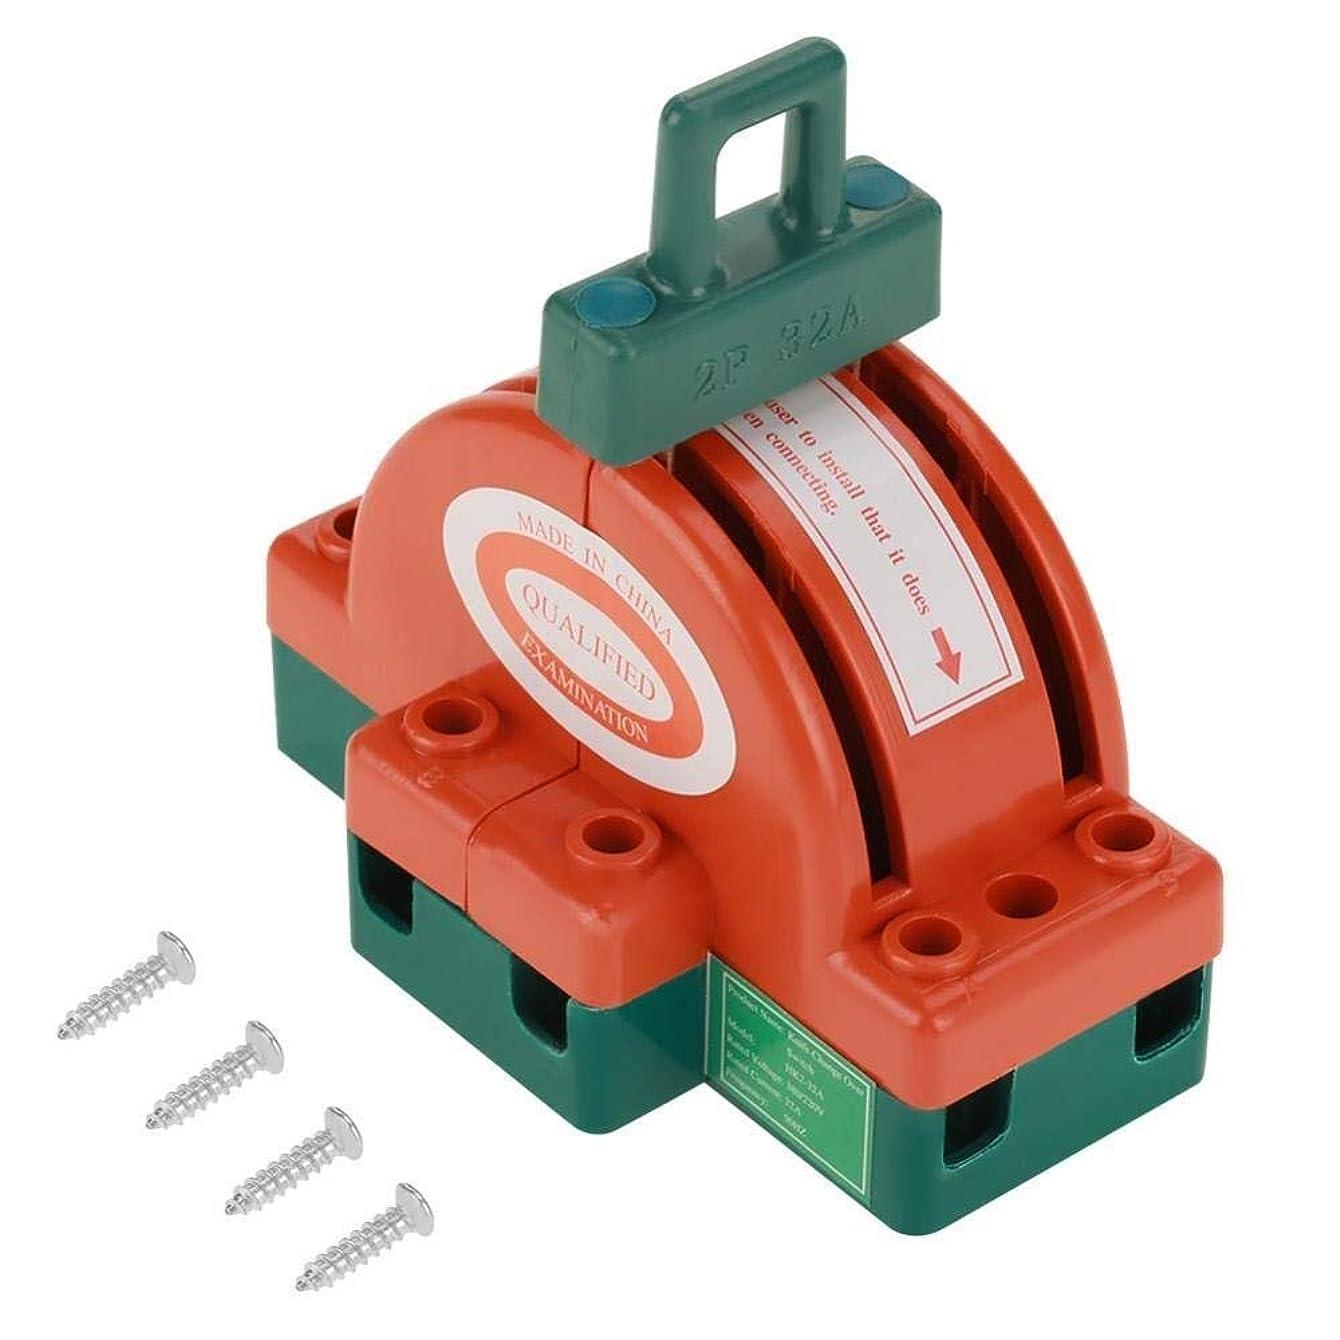 受け取る細分化する挑発するZJN-JN 遮断器 2個ダブルその他、各種バックアップジェネレータで切り替え、フェイルセーフサーキットブレーカー用電力にオフ制御半円ブレーカを、ナイフスイッチ、32A AC 220V 2極安全切断スイッチを投げます